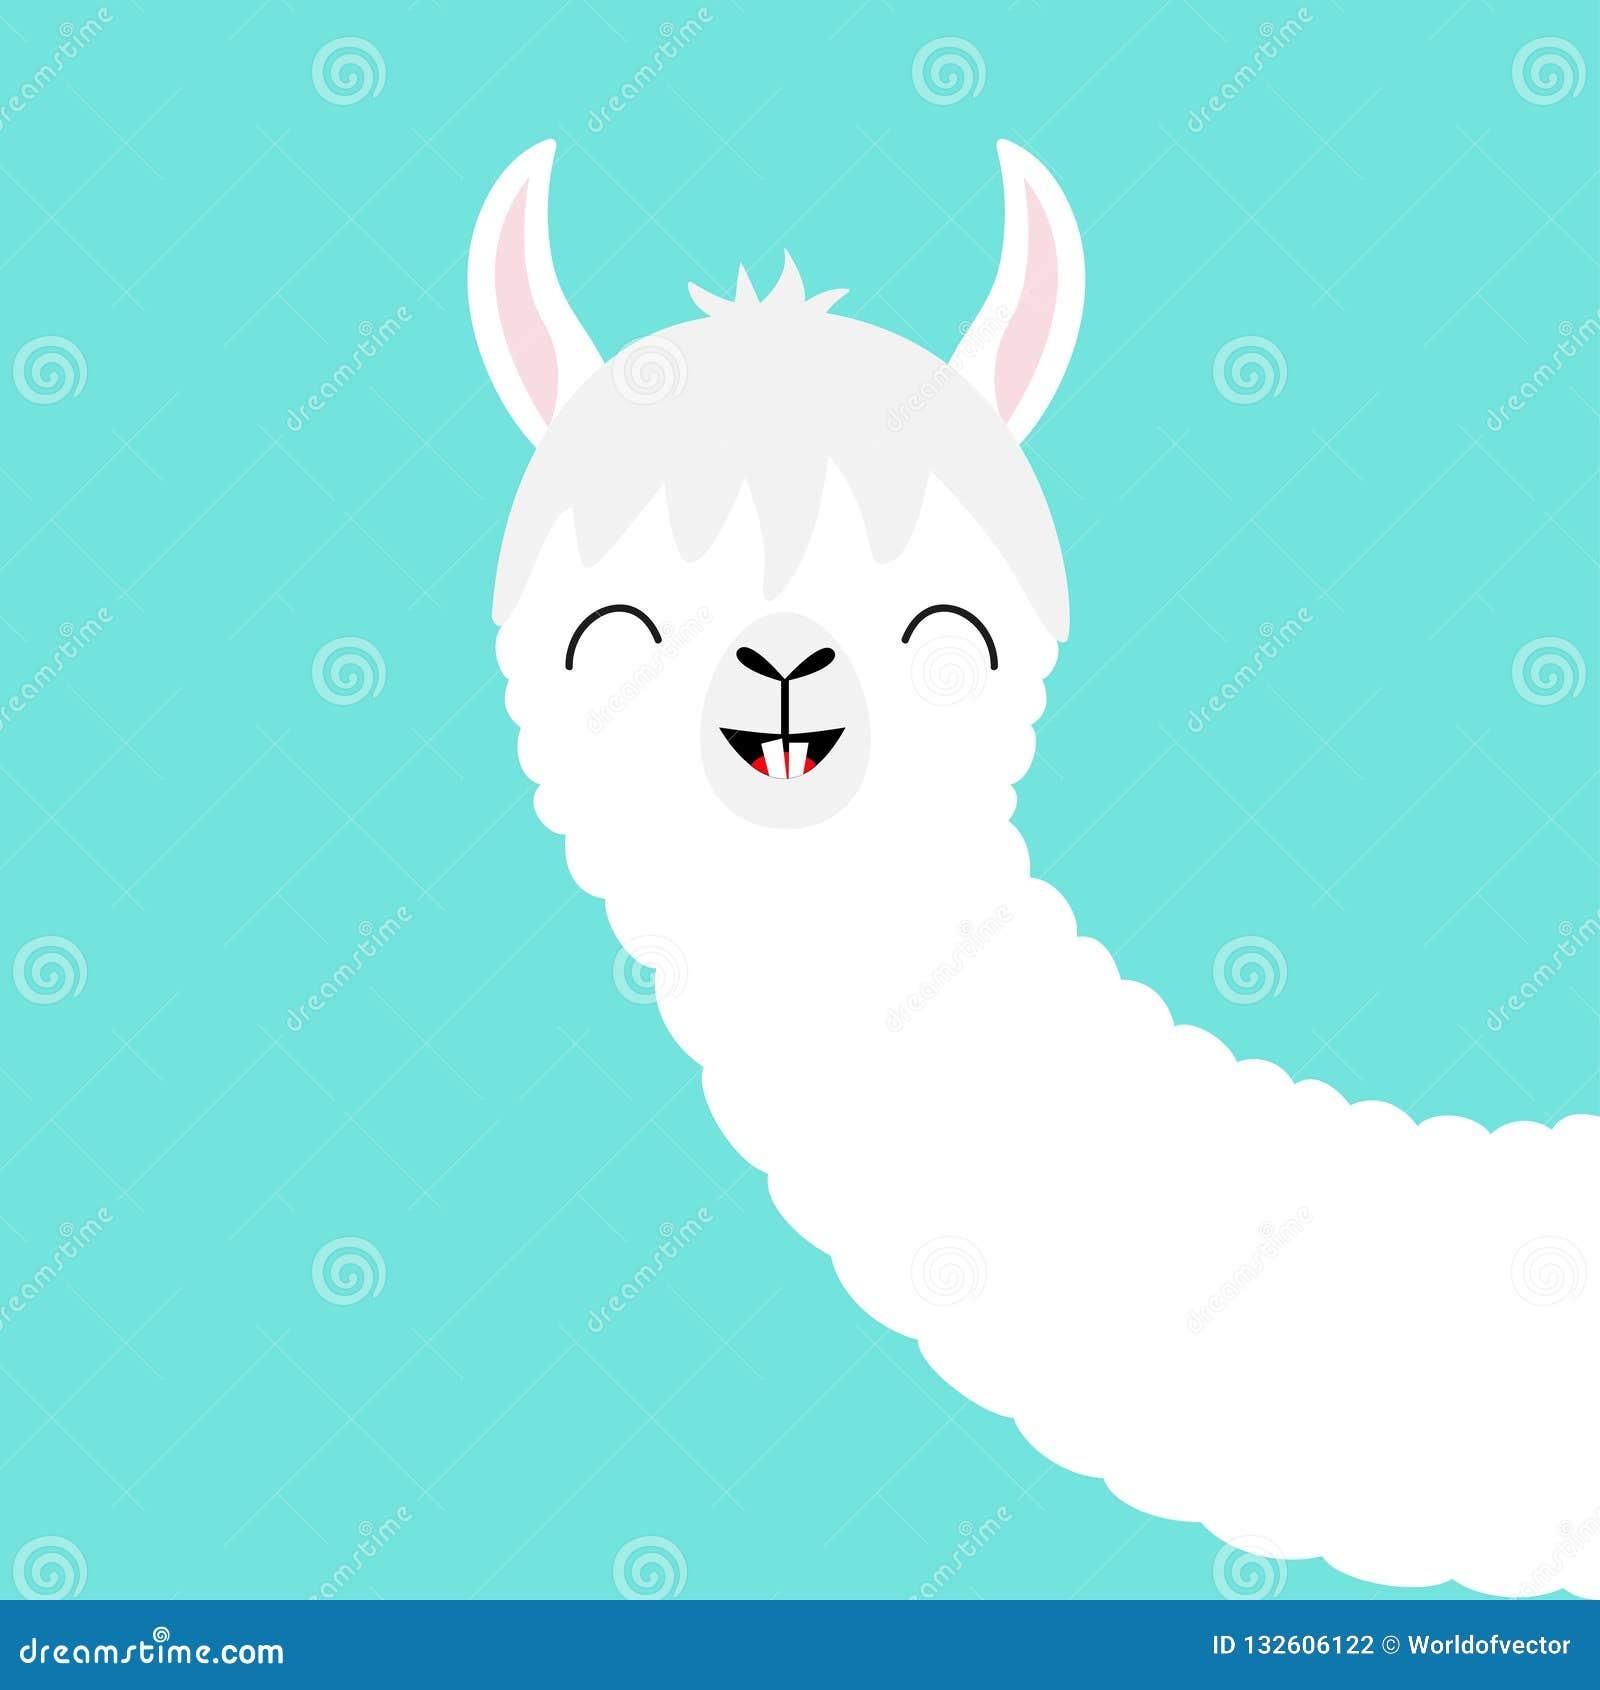 1e68ffbca7a1 Alpaca Llama Animal Face. Cute Cartoon Kawaii Smiling Character ...